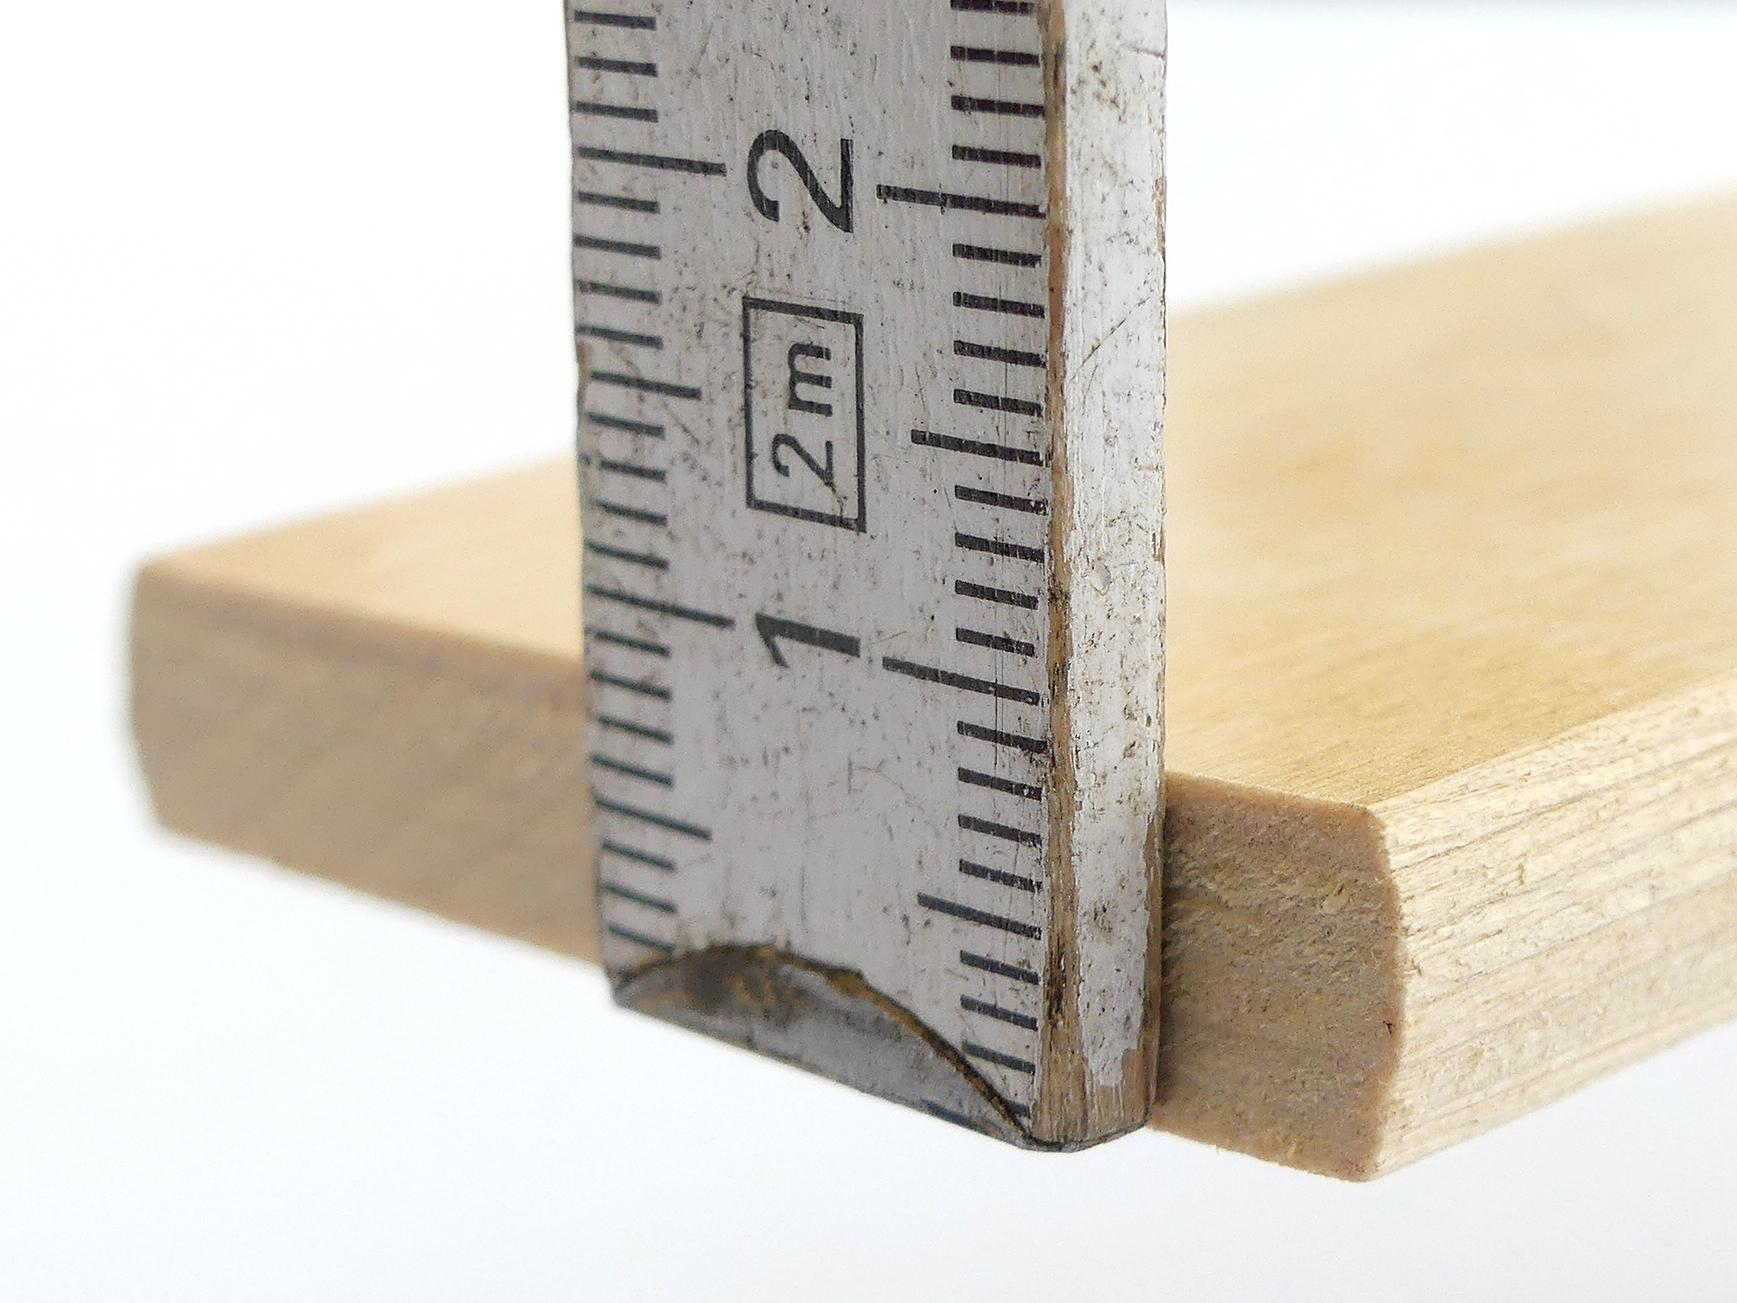 10x neue kautschukkappen geeignet f r jedes lattenrost mit federholzleisten ebay. Black Bedroom Furniture Sets. Home Design Ideas